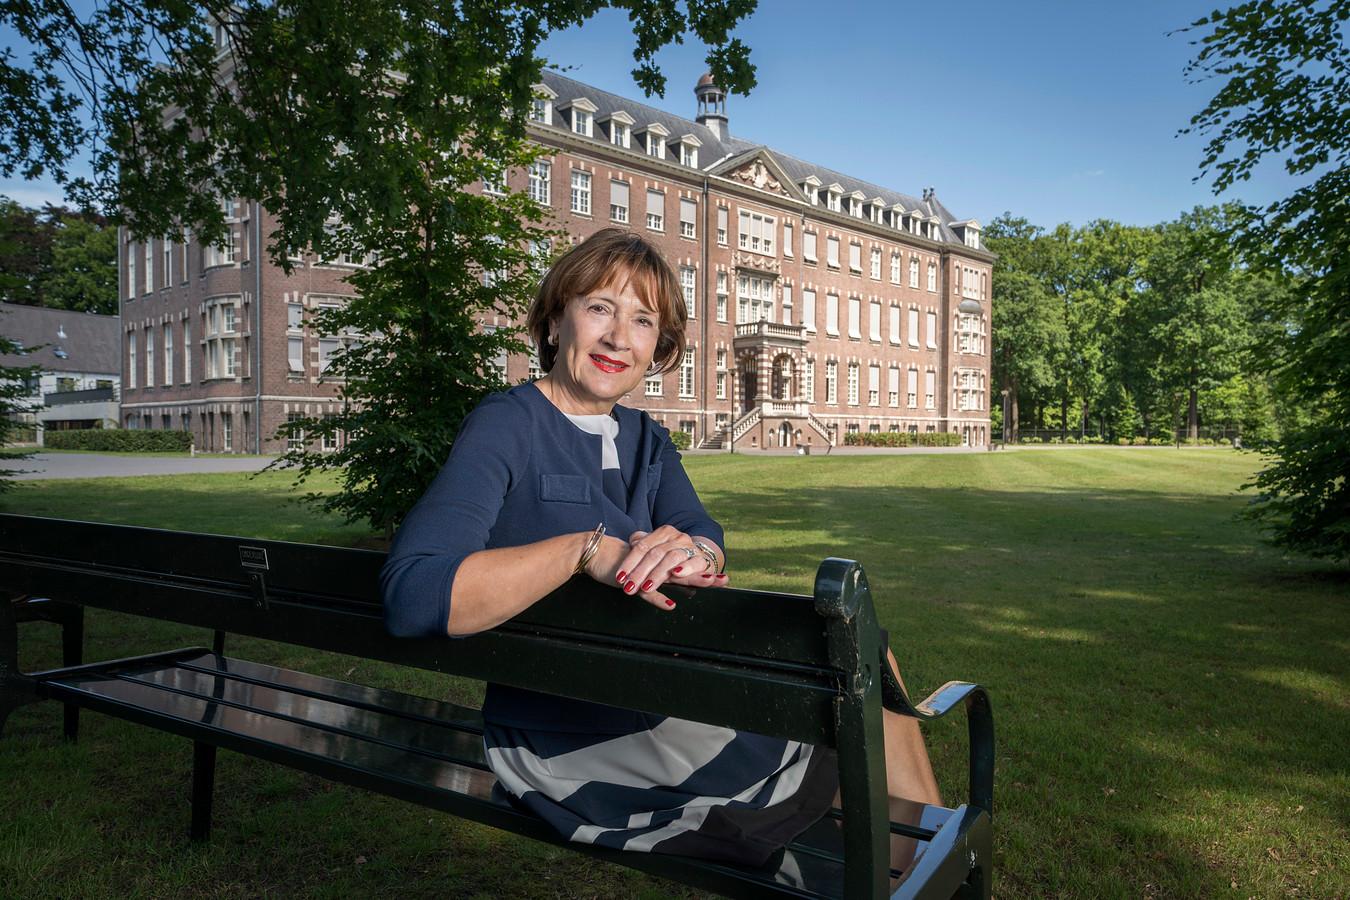 Mieke Bosman is stapelverliefd op haar 'paleisje'.